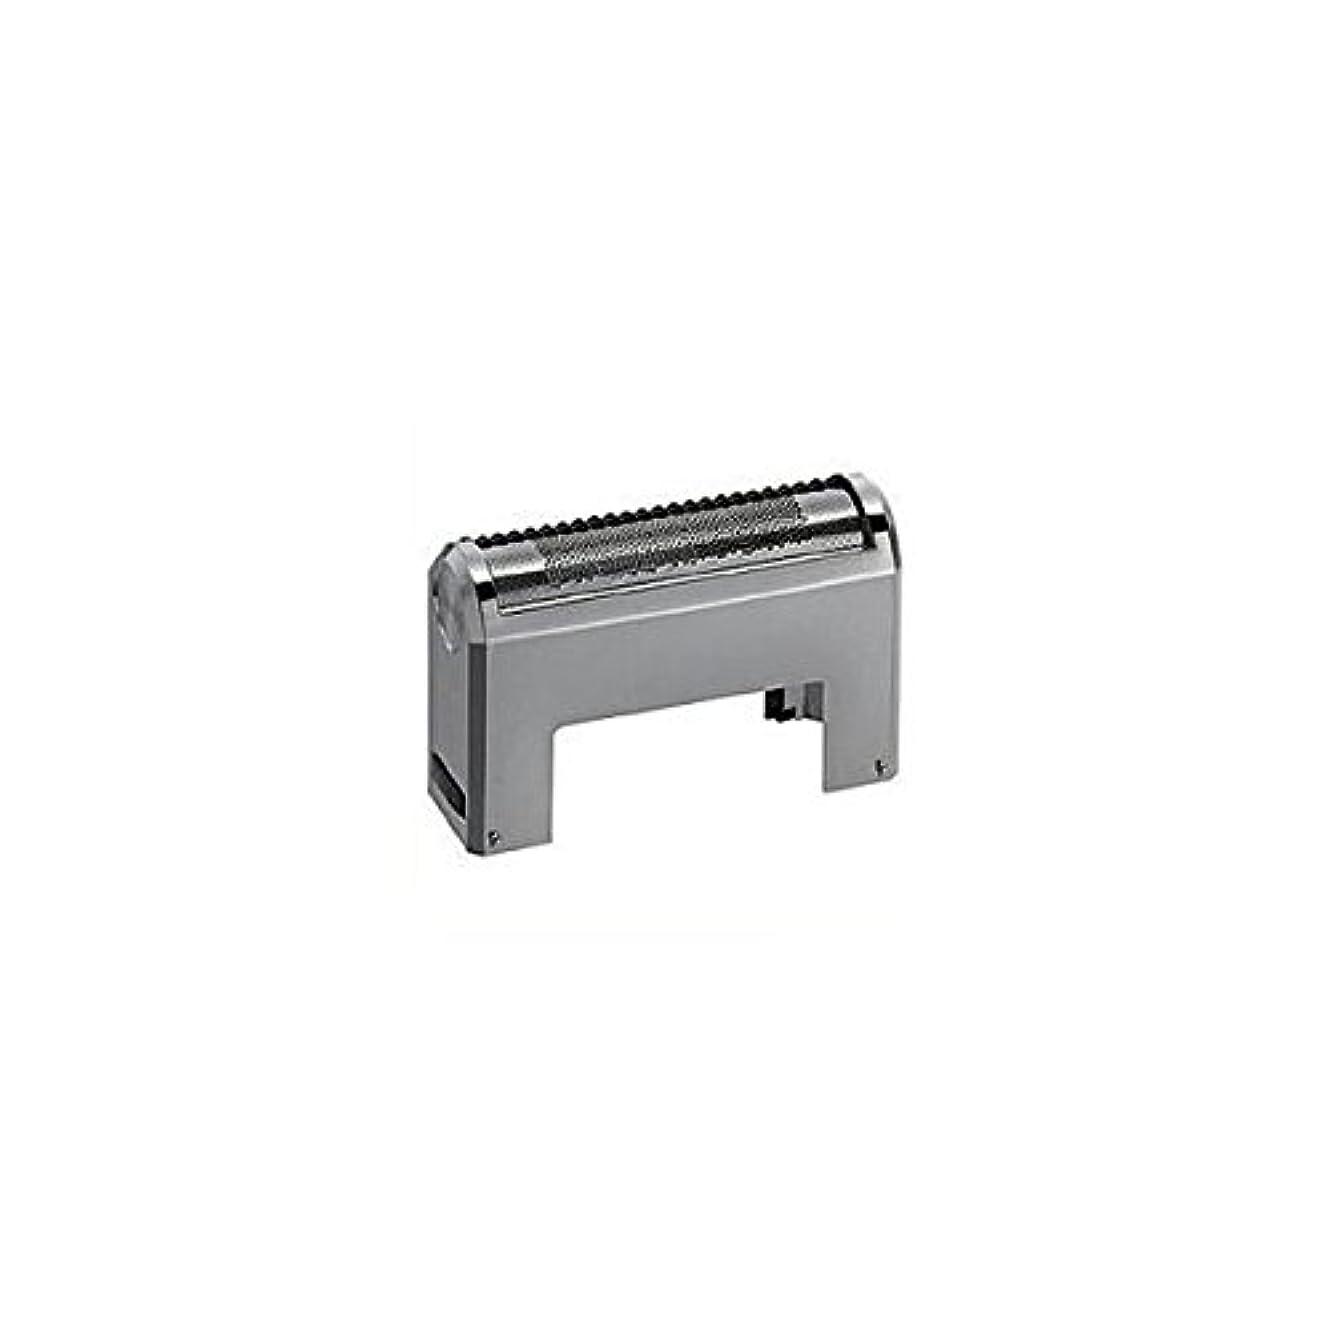 引くポテト角度日立 替刃 外刃 K-X25S